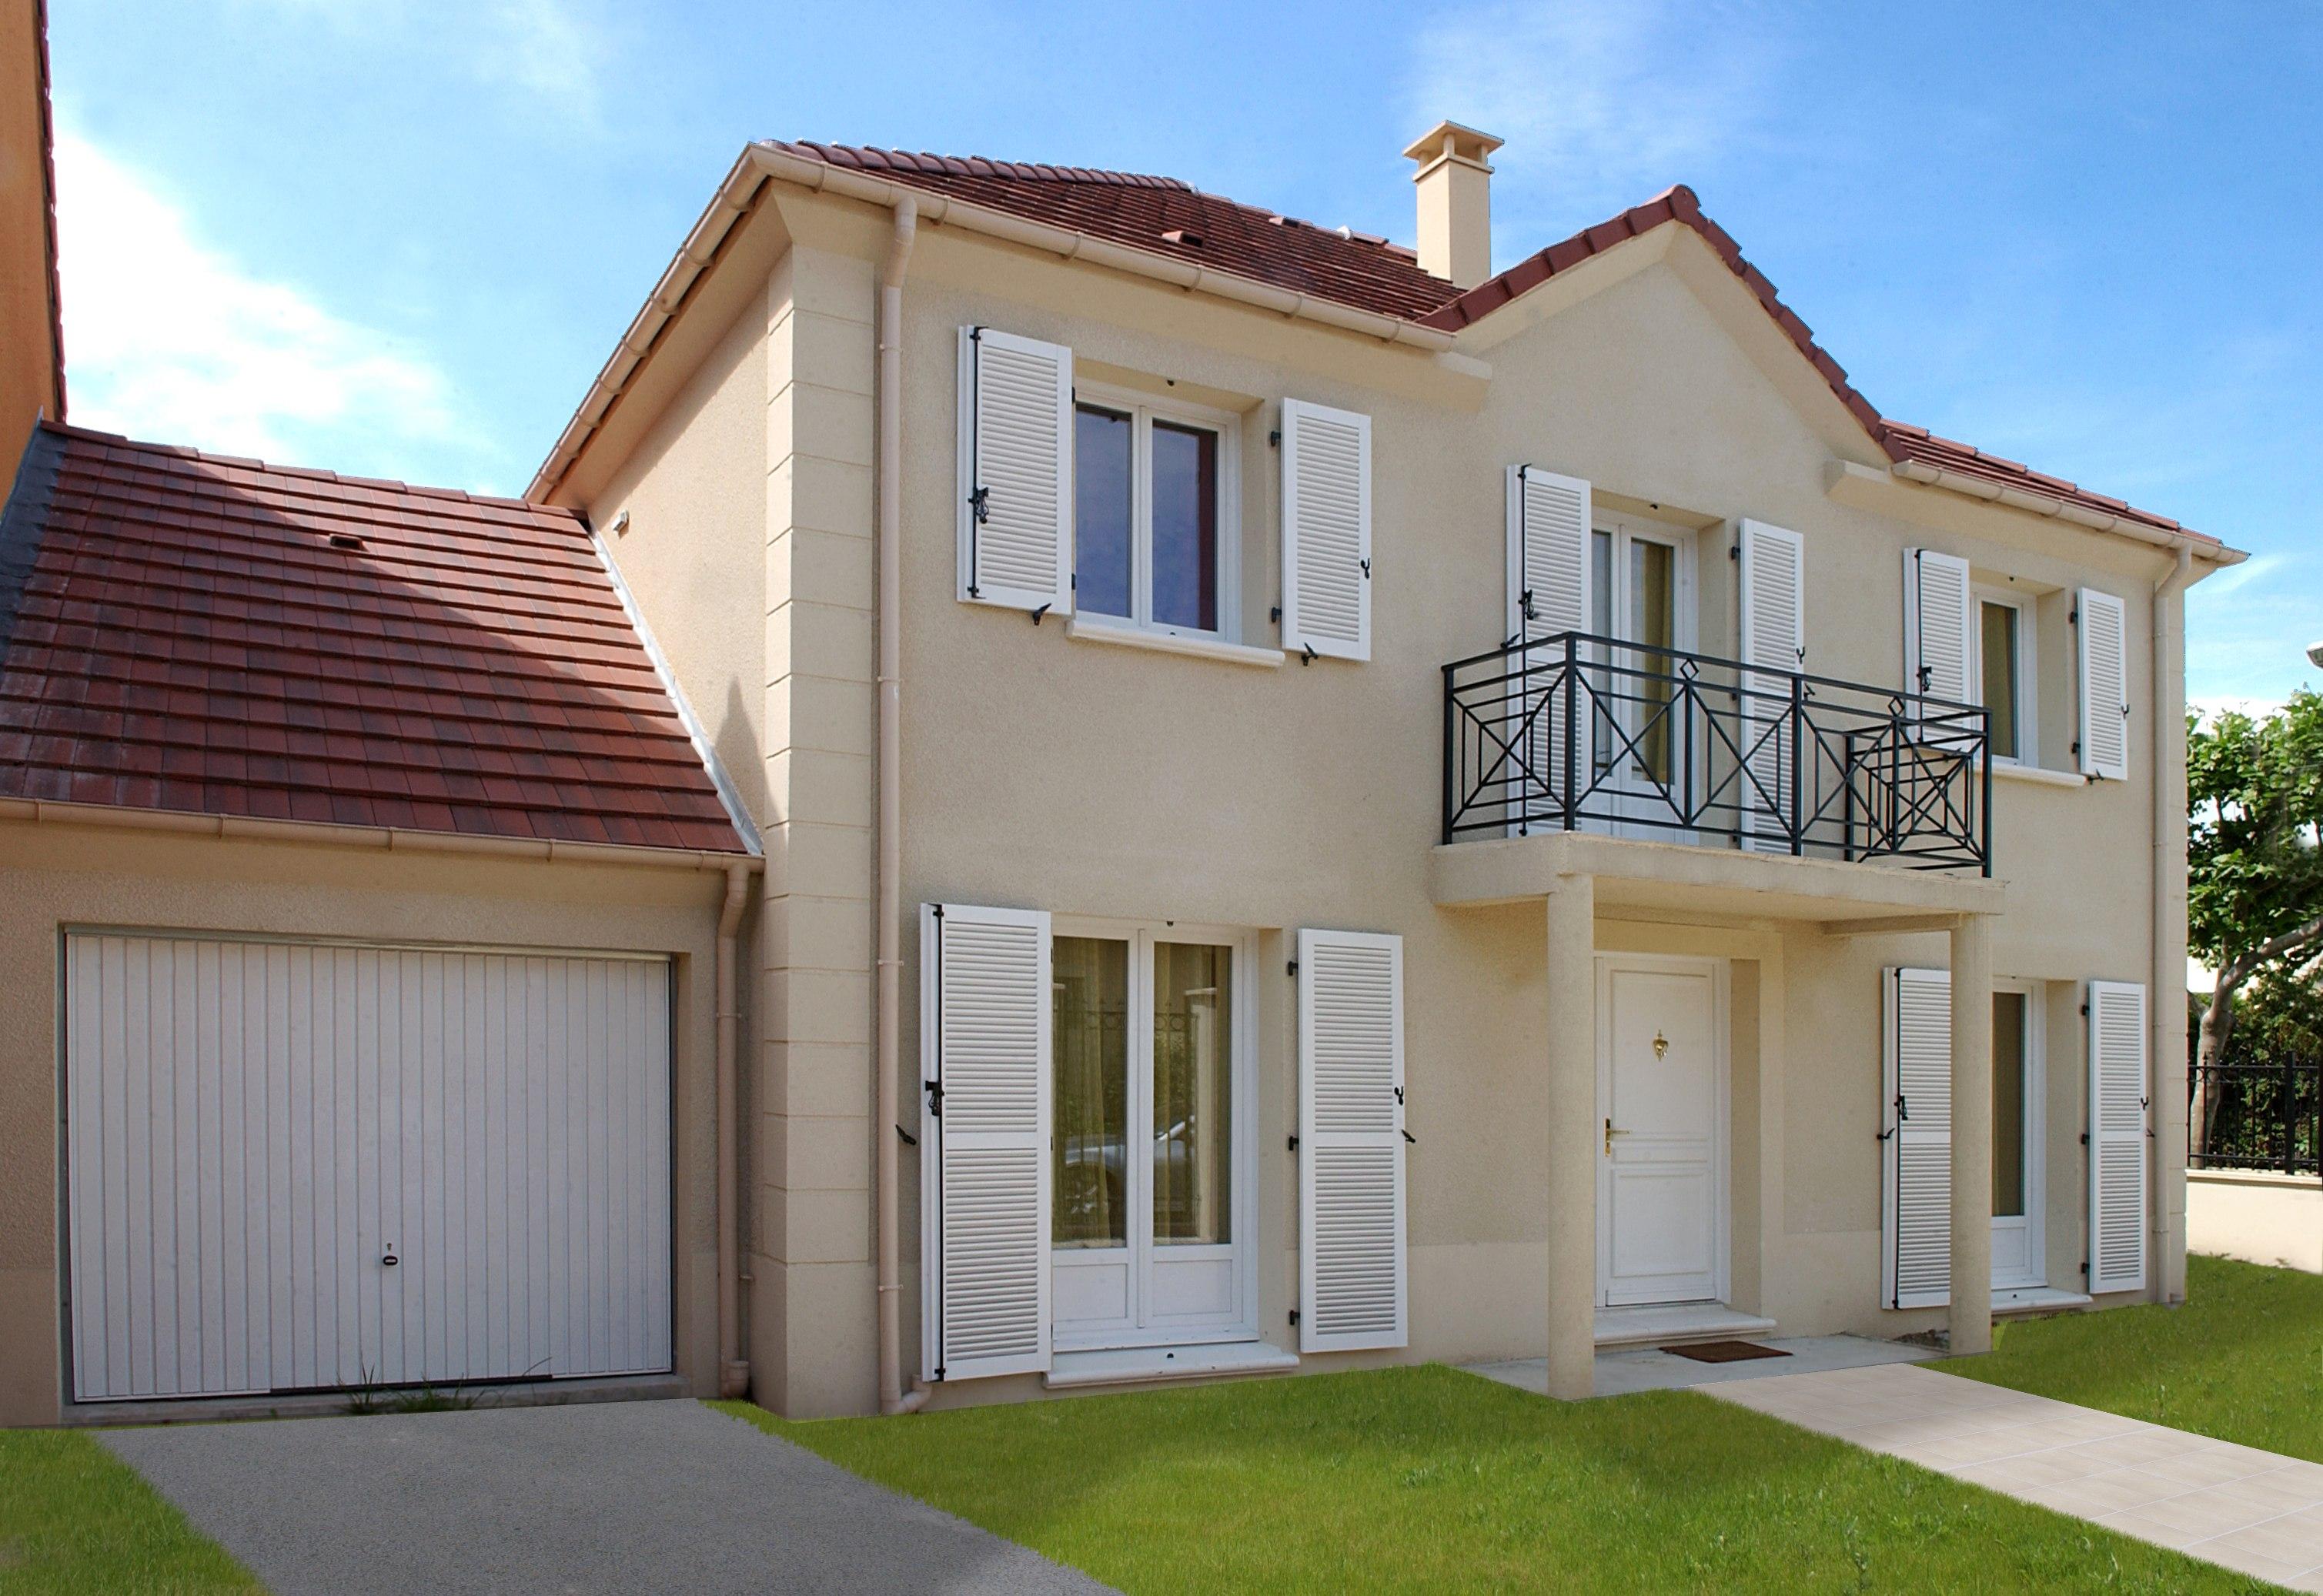 Maisons + Terrains du constructeur MAISONS SESAME • 90 m² • VILLECRESNES